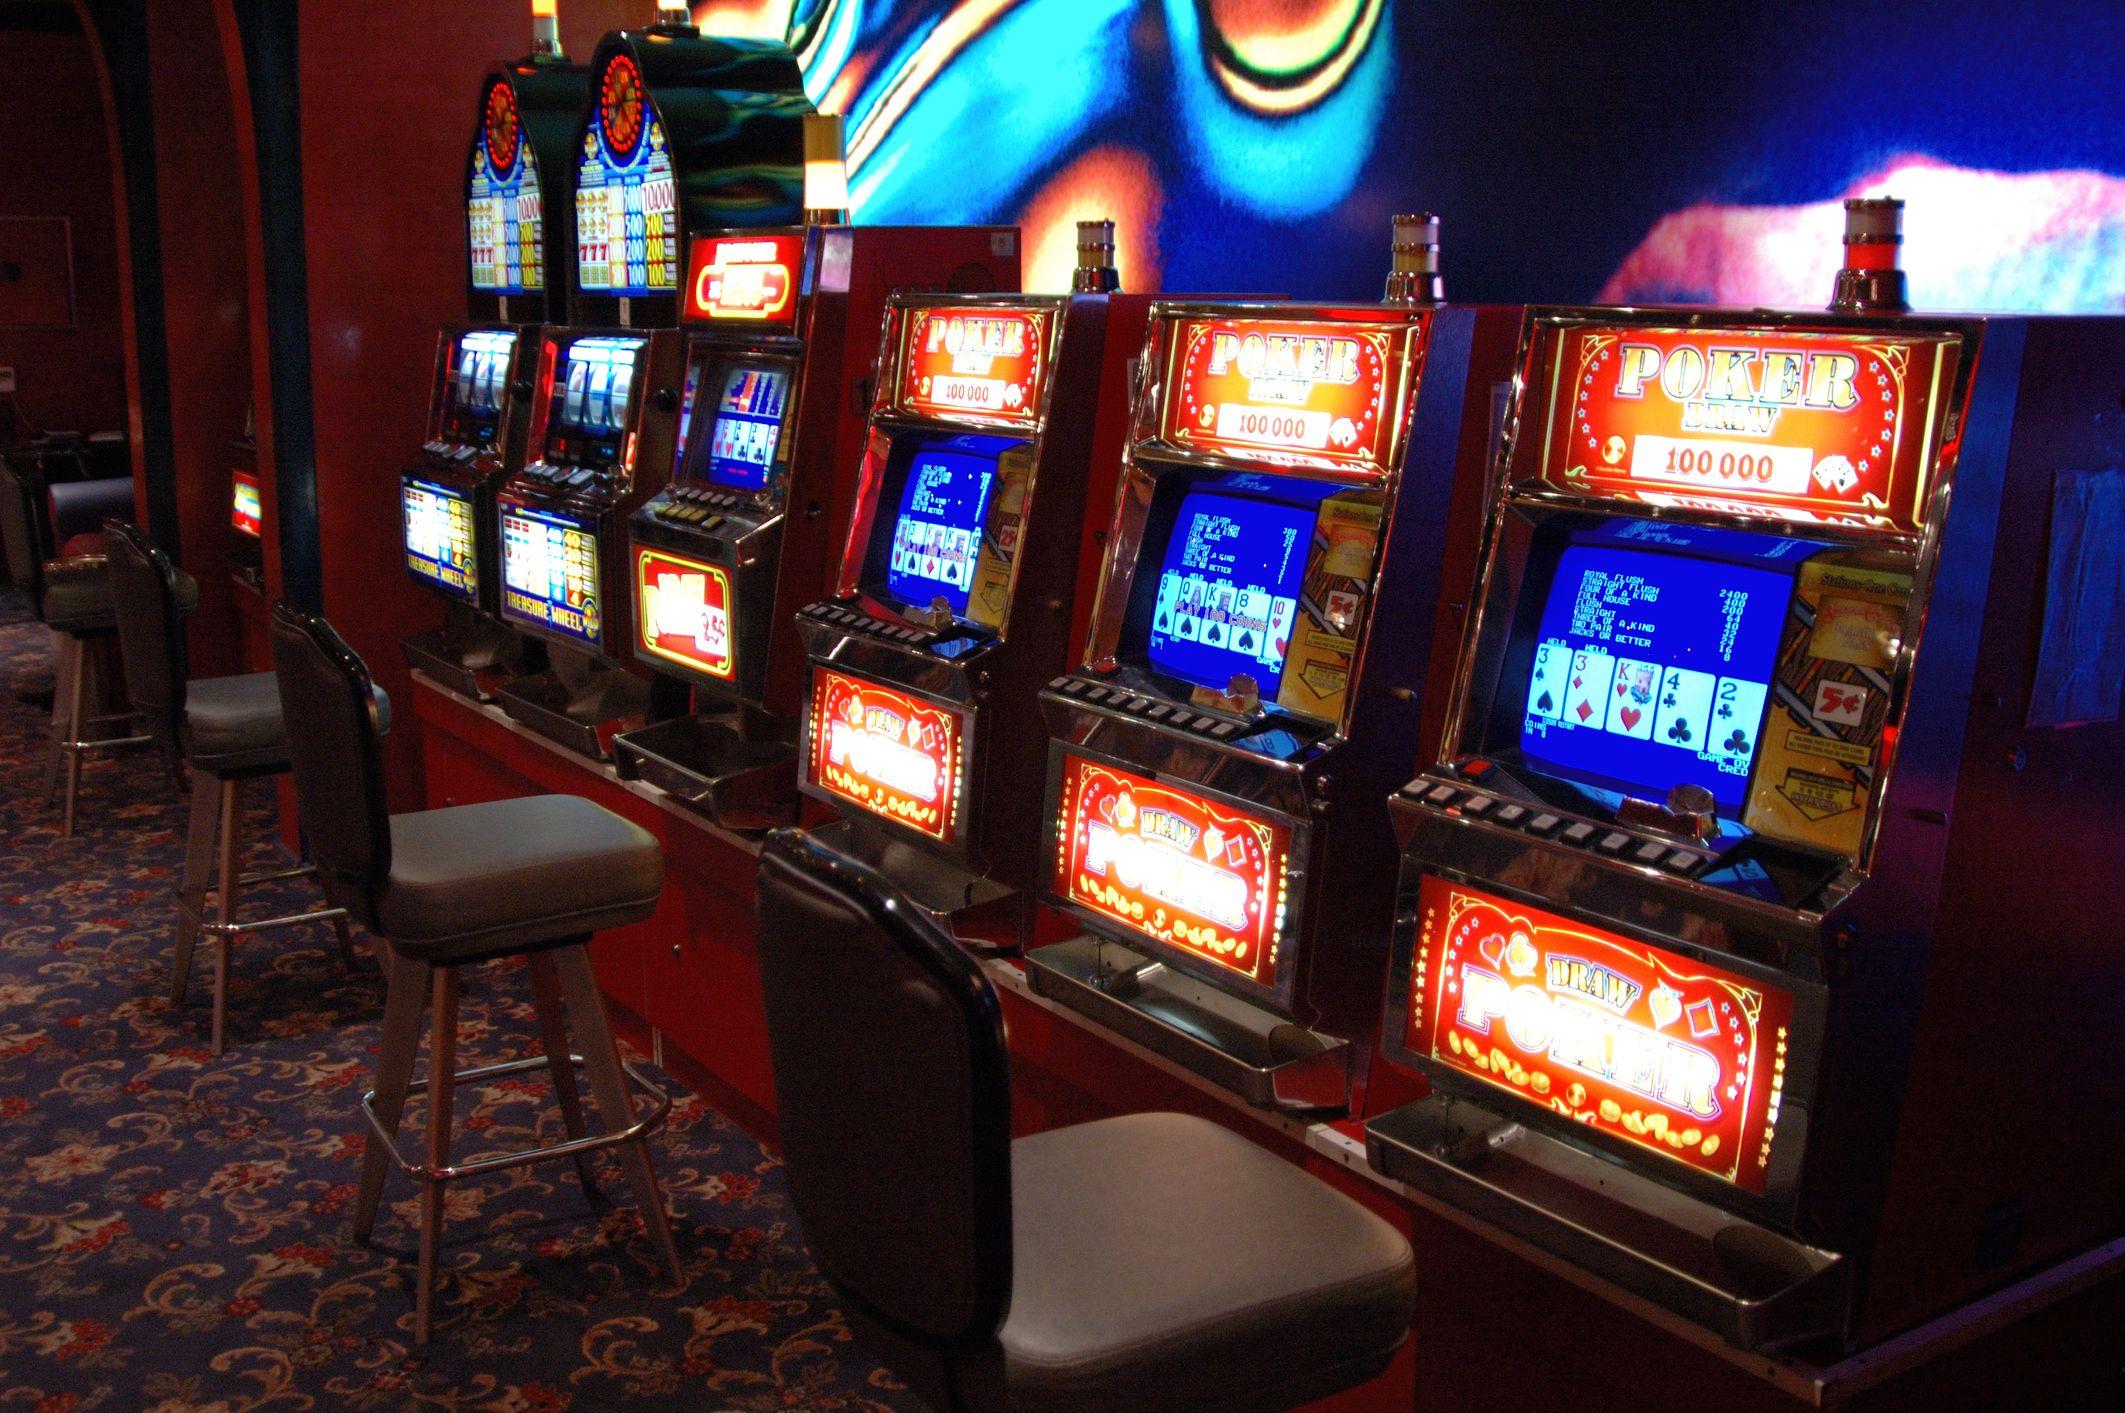 Prywatni przedsiębiorcy nie mogą urządzać gier na automatach